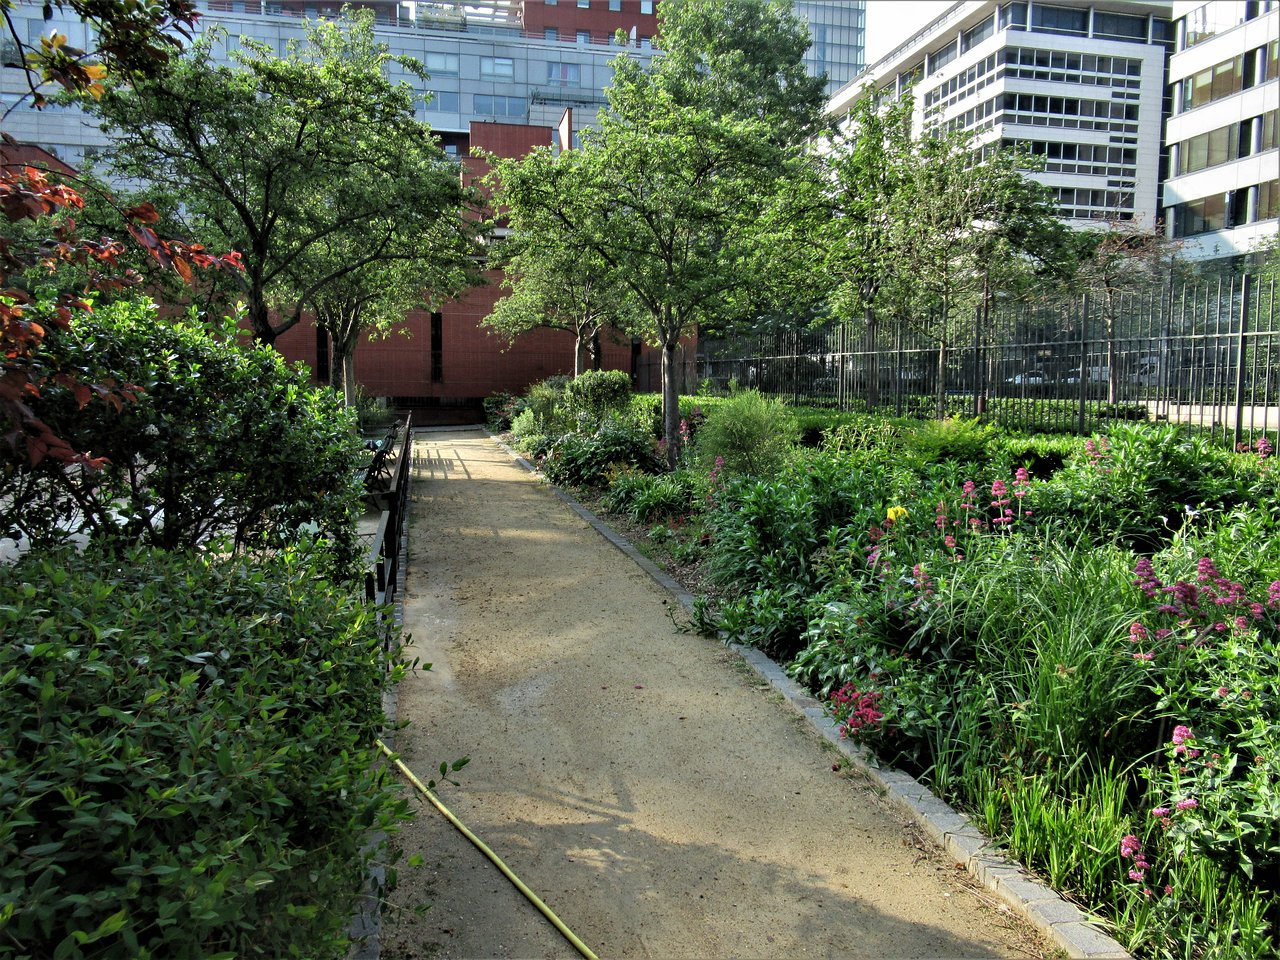 Jardin James-Joyce - Paris - Jardin James-Joyce Yorumları ... avec Allee De Jardin